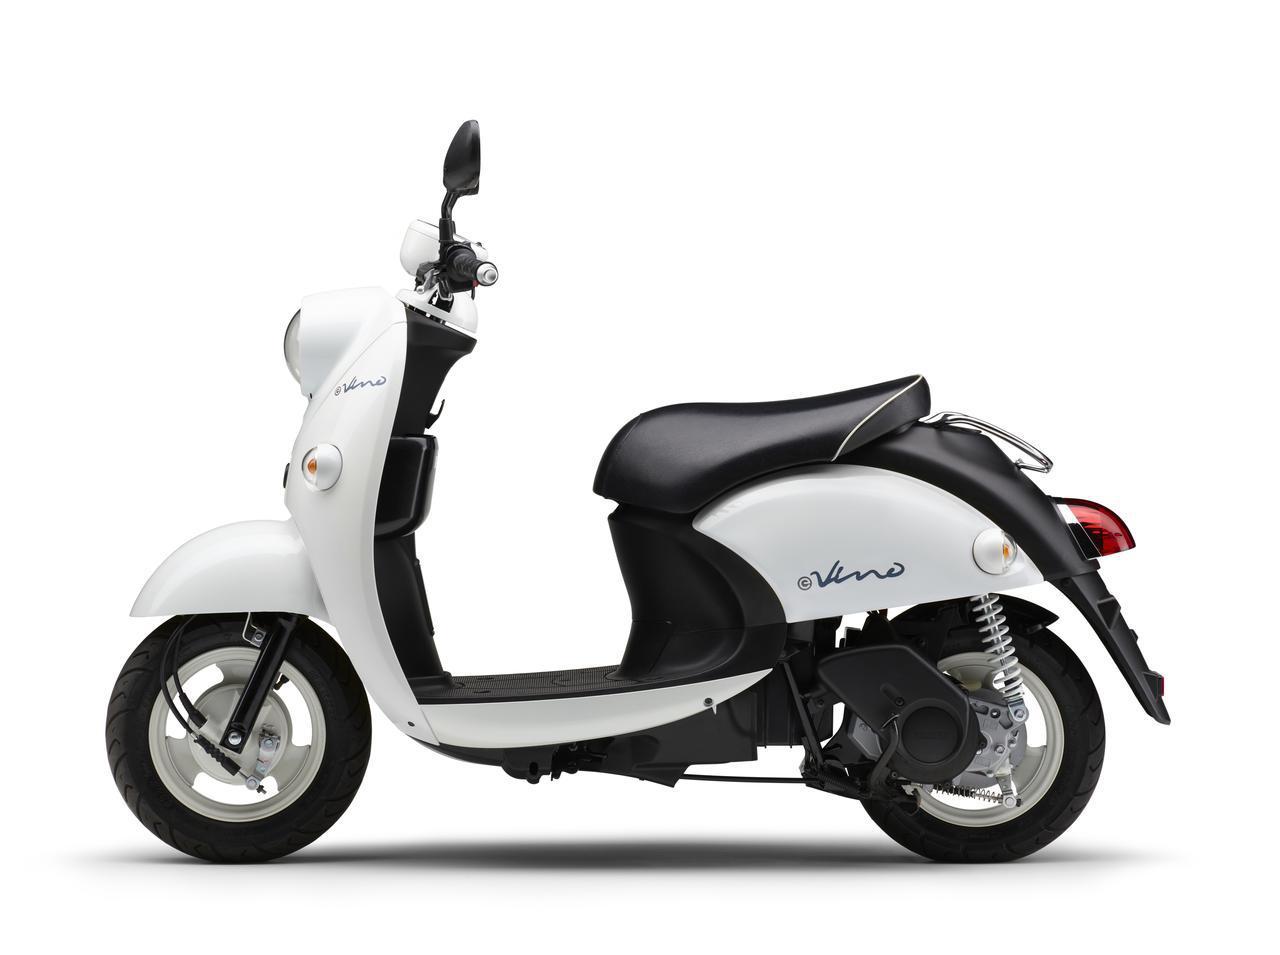 画像8: ヤマハが電動スクーター「E-Vino」(イービーノ)の2021年モデルを発売! 初のカラーチェンジでイメージを一新